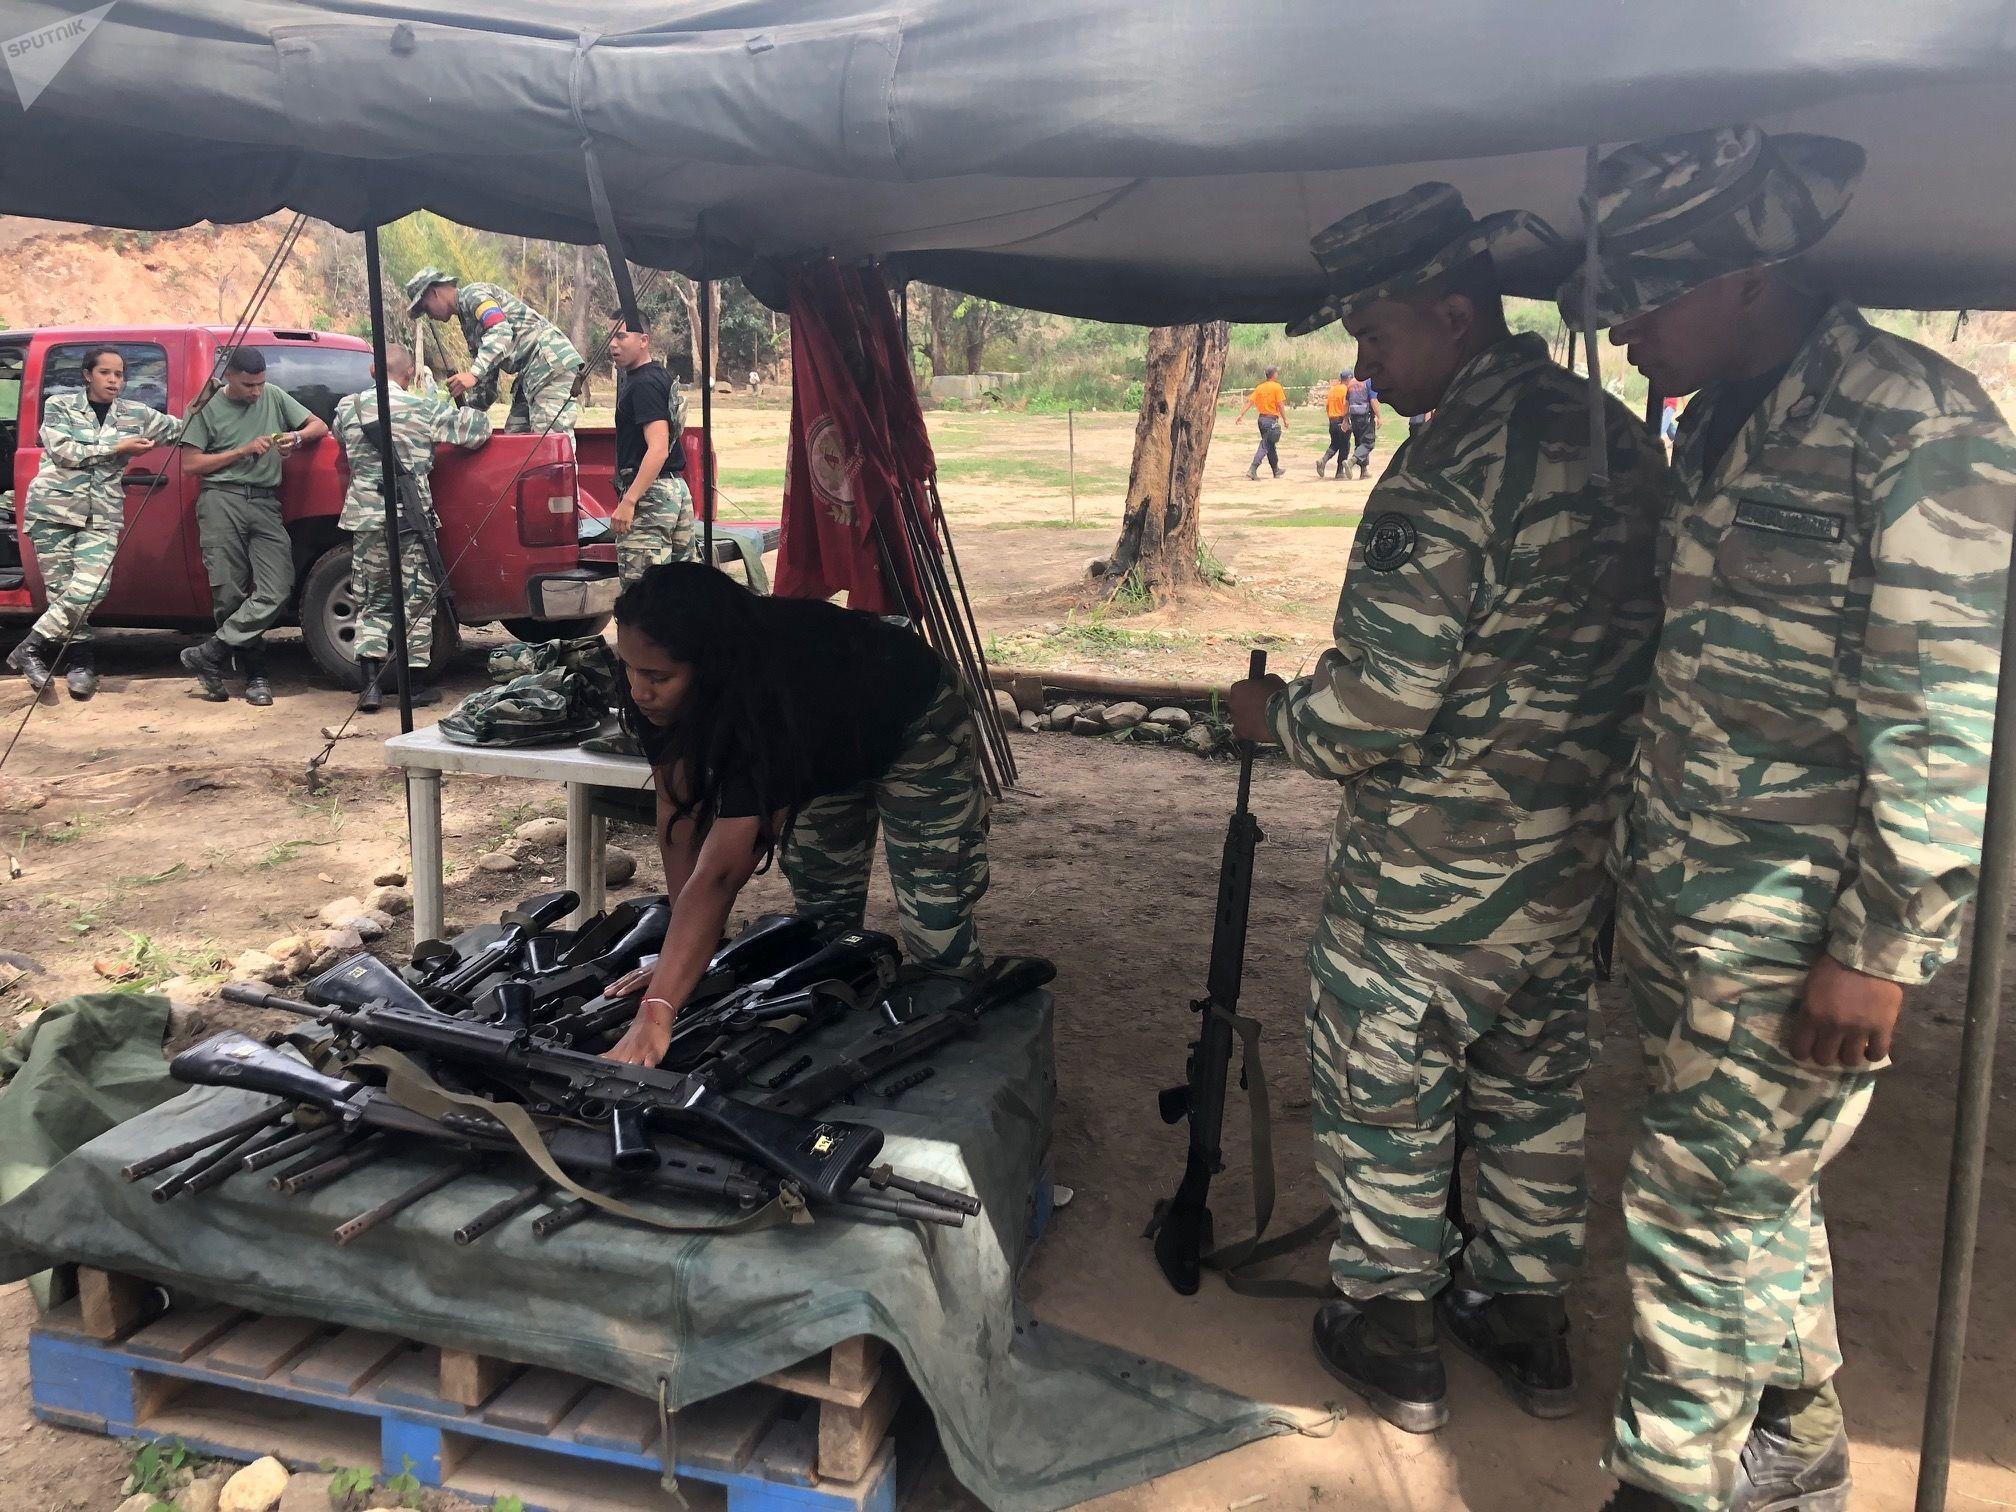 En el Método Táctico de Resistencia Revolucionaria, los civiles aprenden cómo usar armas ligeras